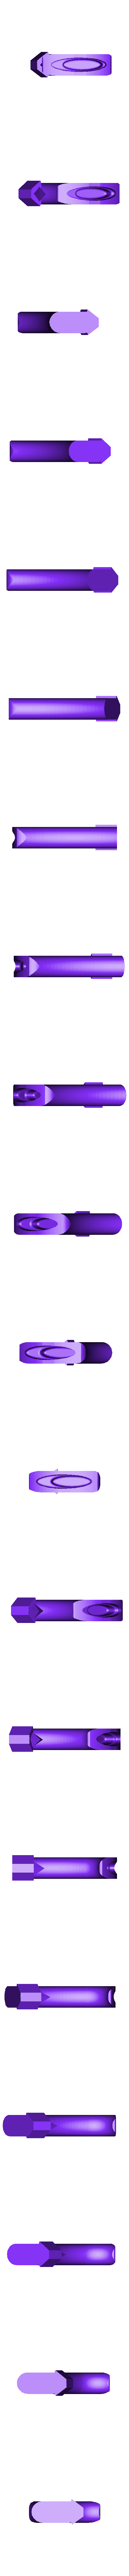 Pipe__-_sm.stl Télécharger fichier STL gratuit Xenos Bug - Moteur de siège • Modèle pour impression 3D, GarinC3D